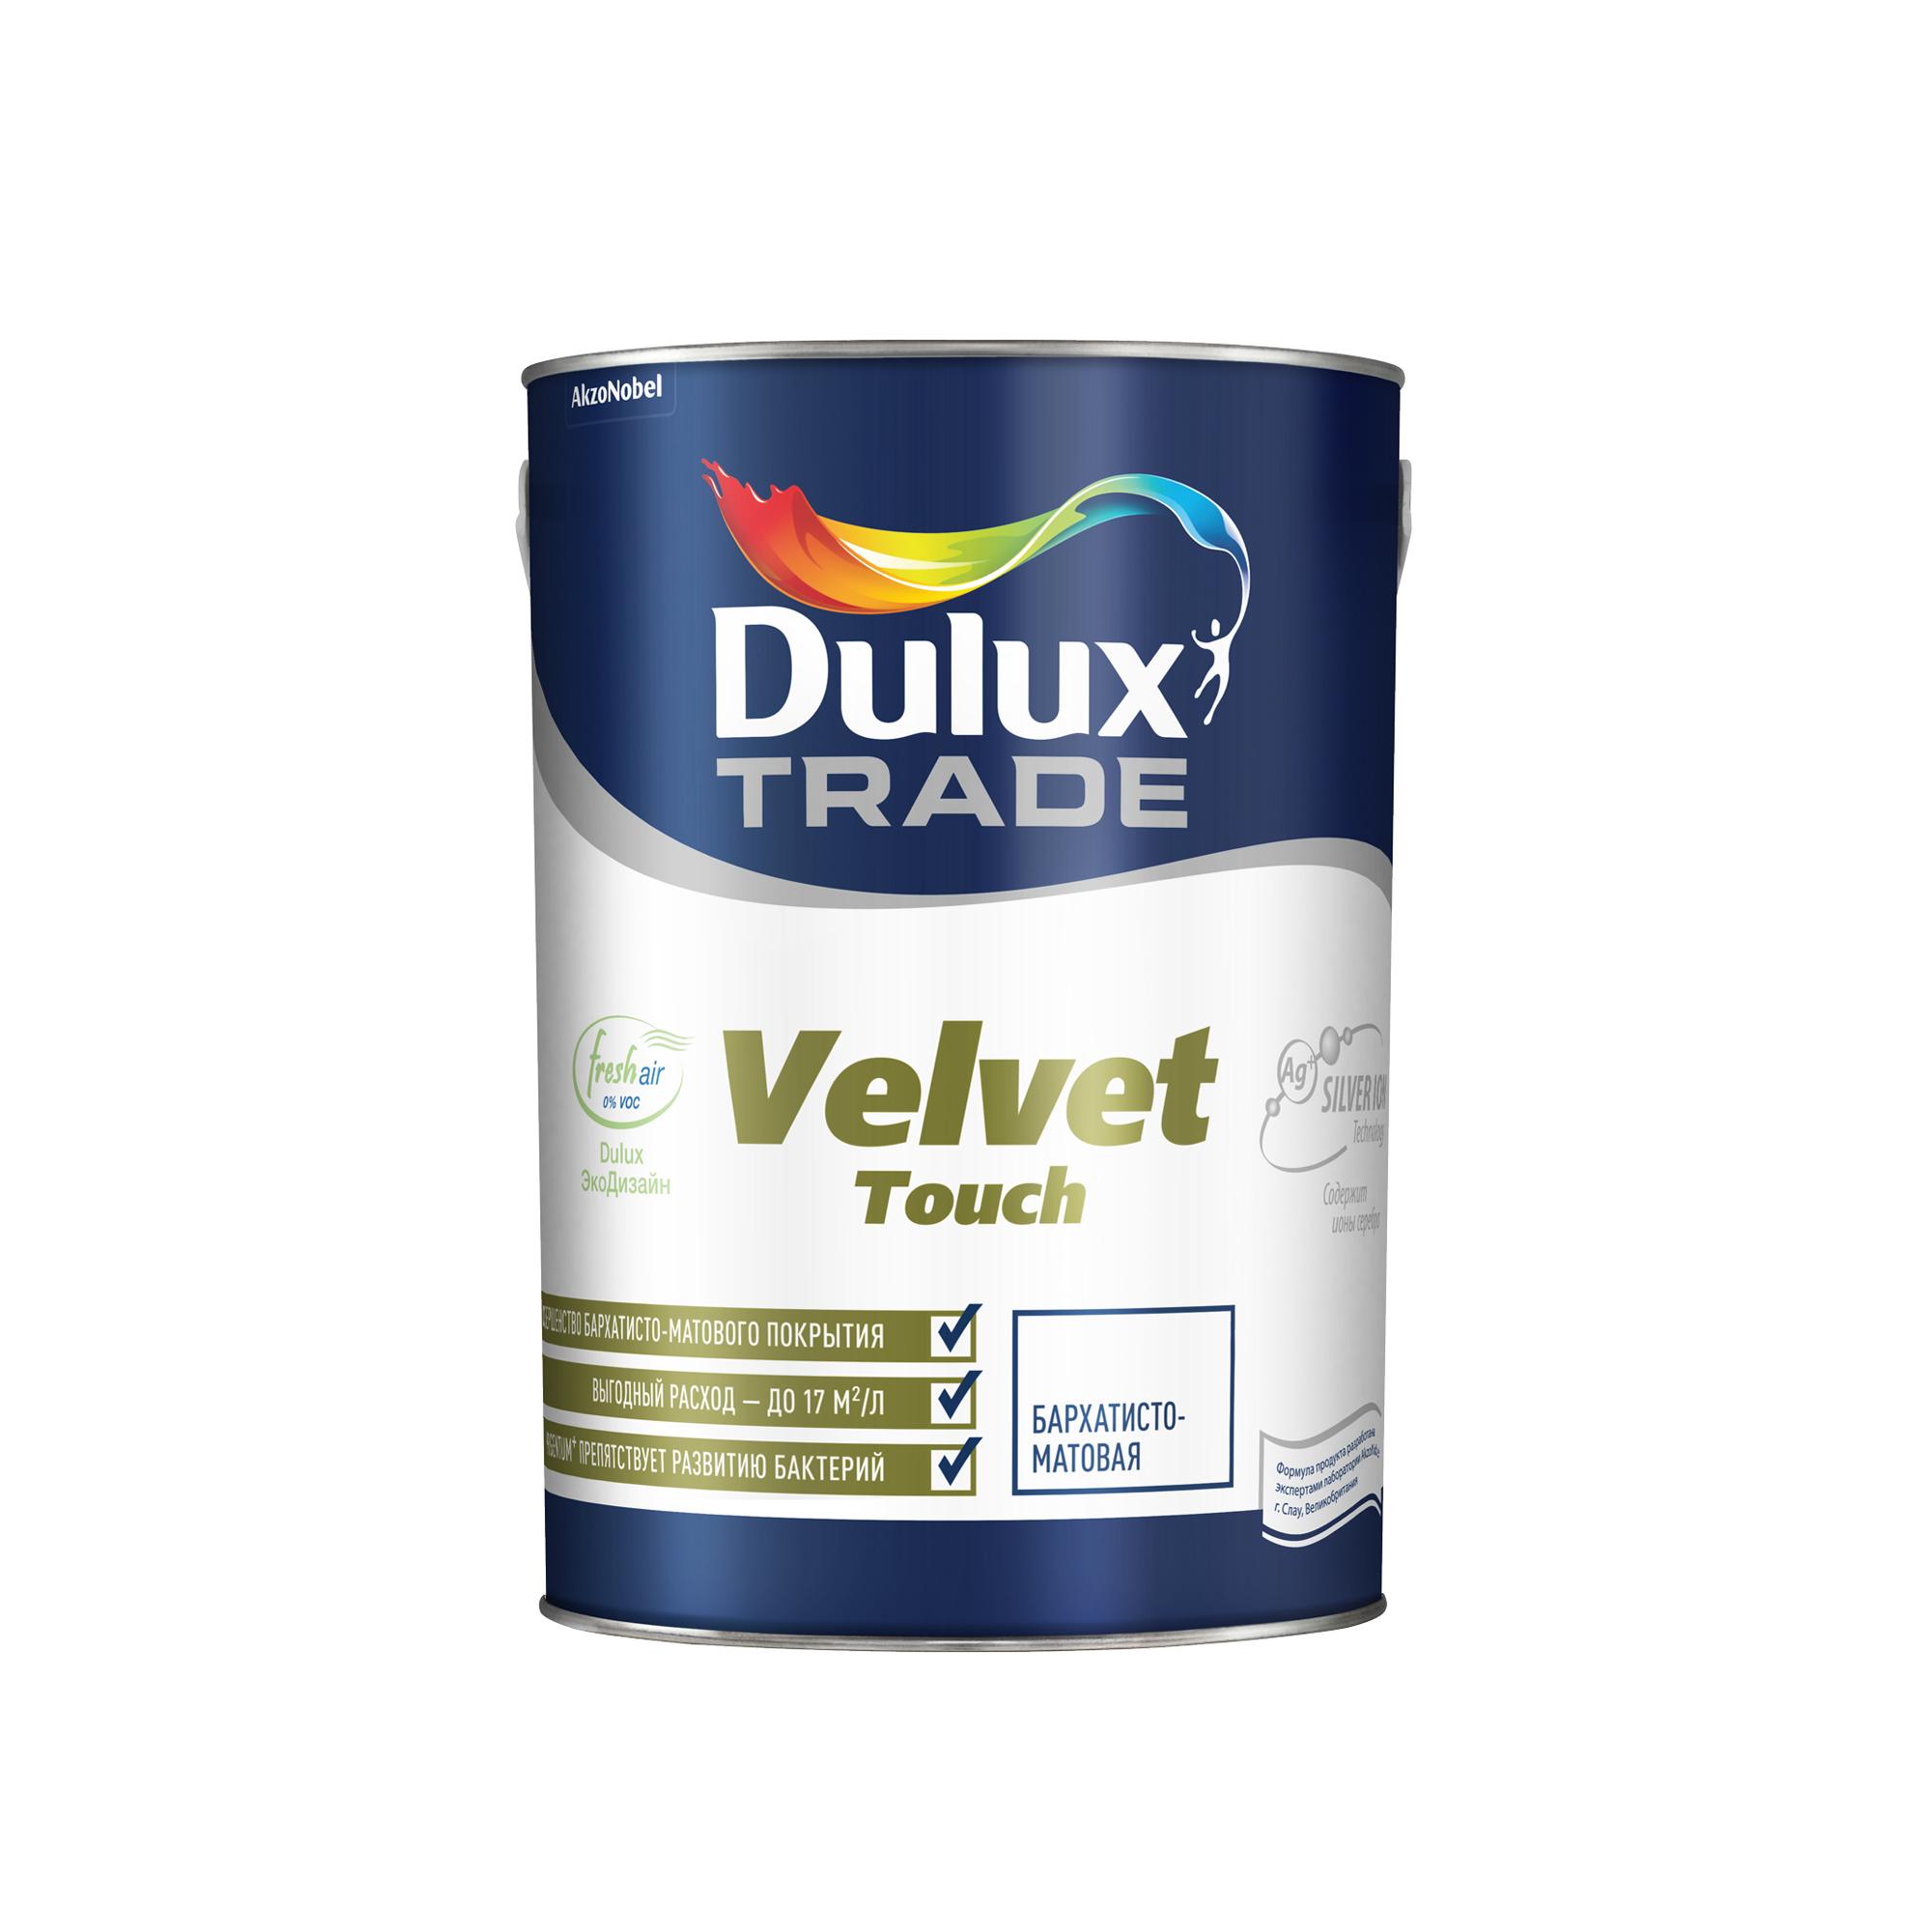 Купить Краска для внутренних работ Dulux Velvet Touch белая, 5 л, Дюлакс/Dulux, Россия, белый